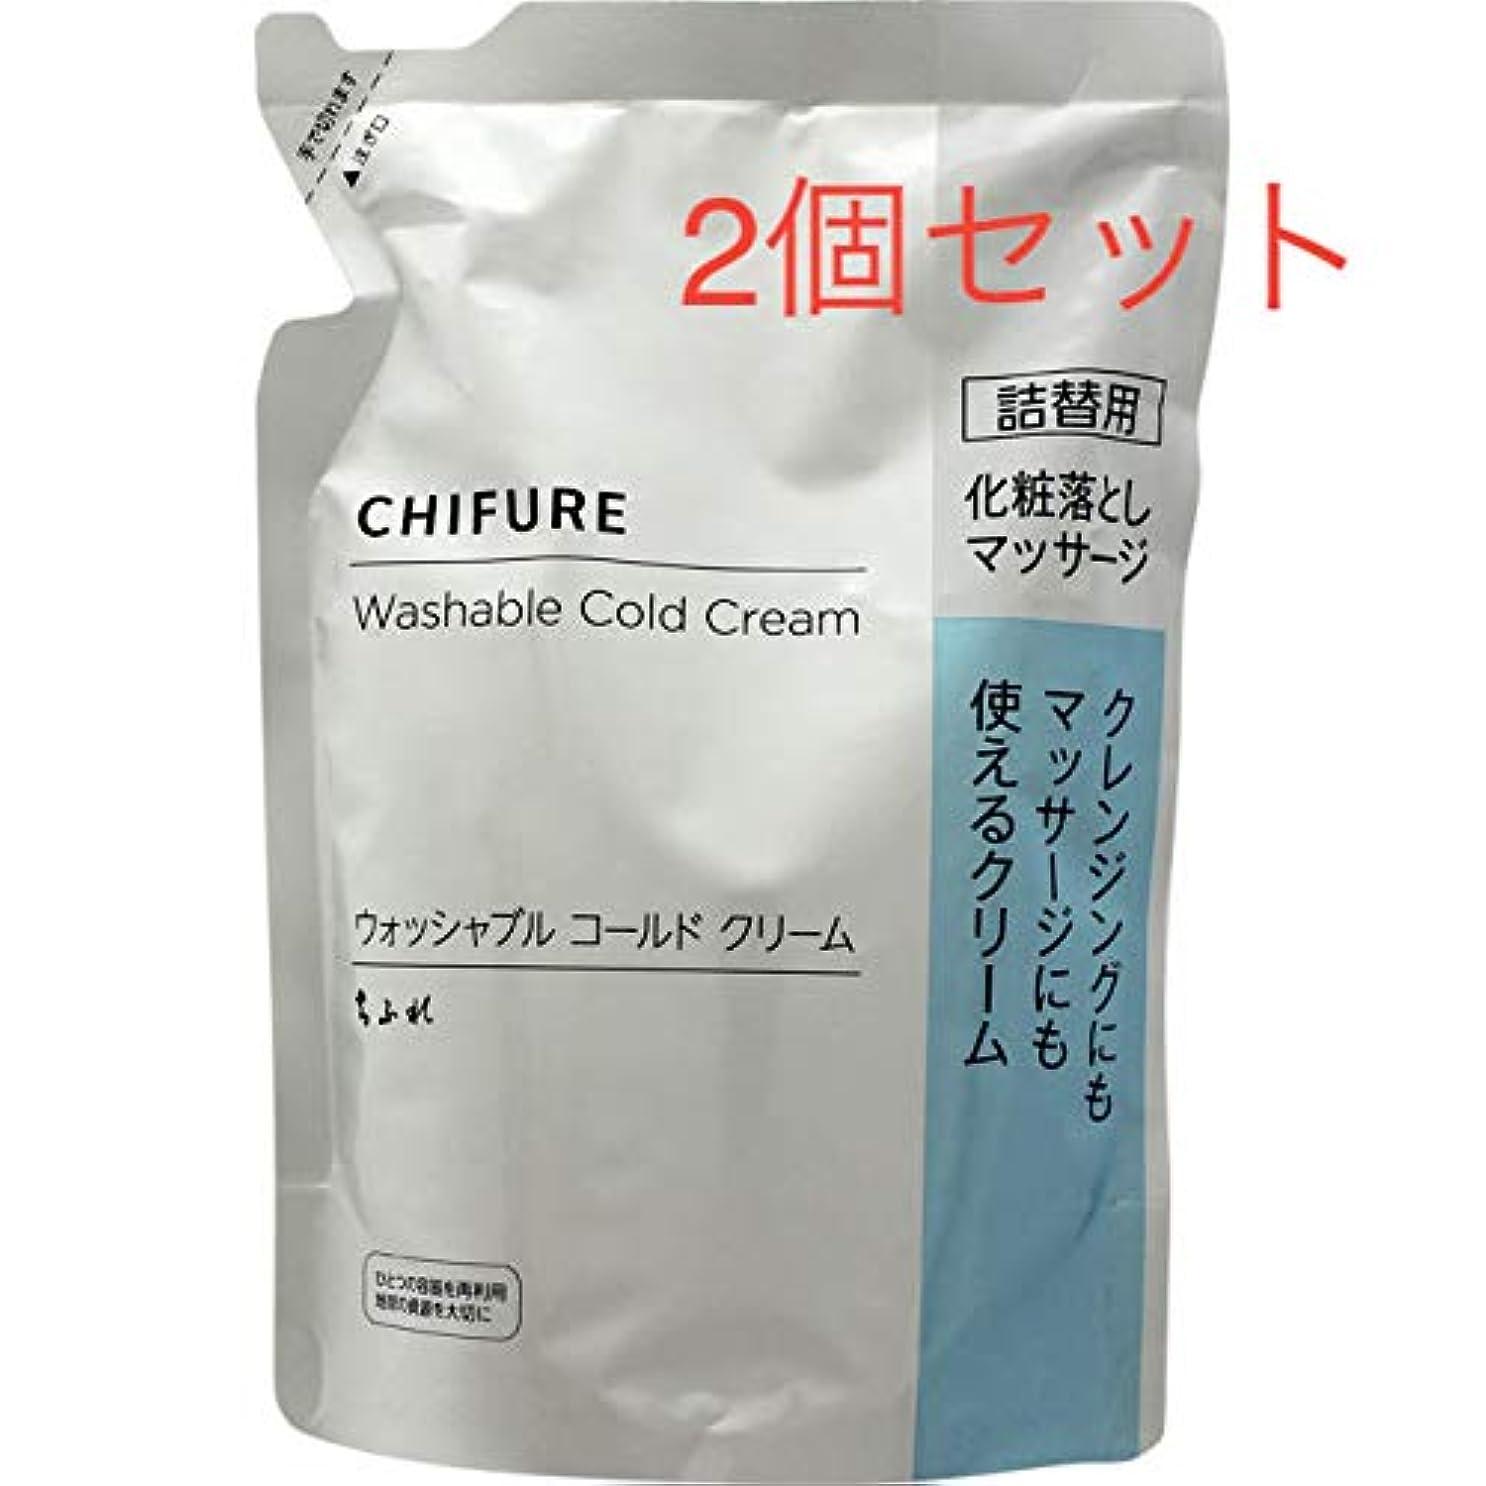 部族社説多用途ちふれ化粧品 ウォッシャブルコールドクリームN詰替 300g 2個セット